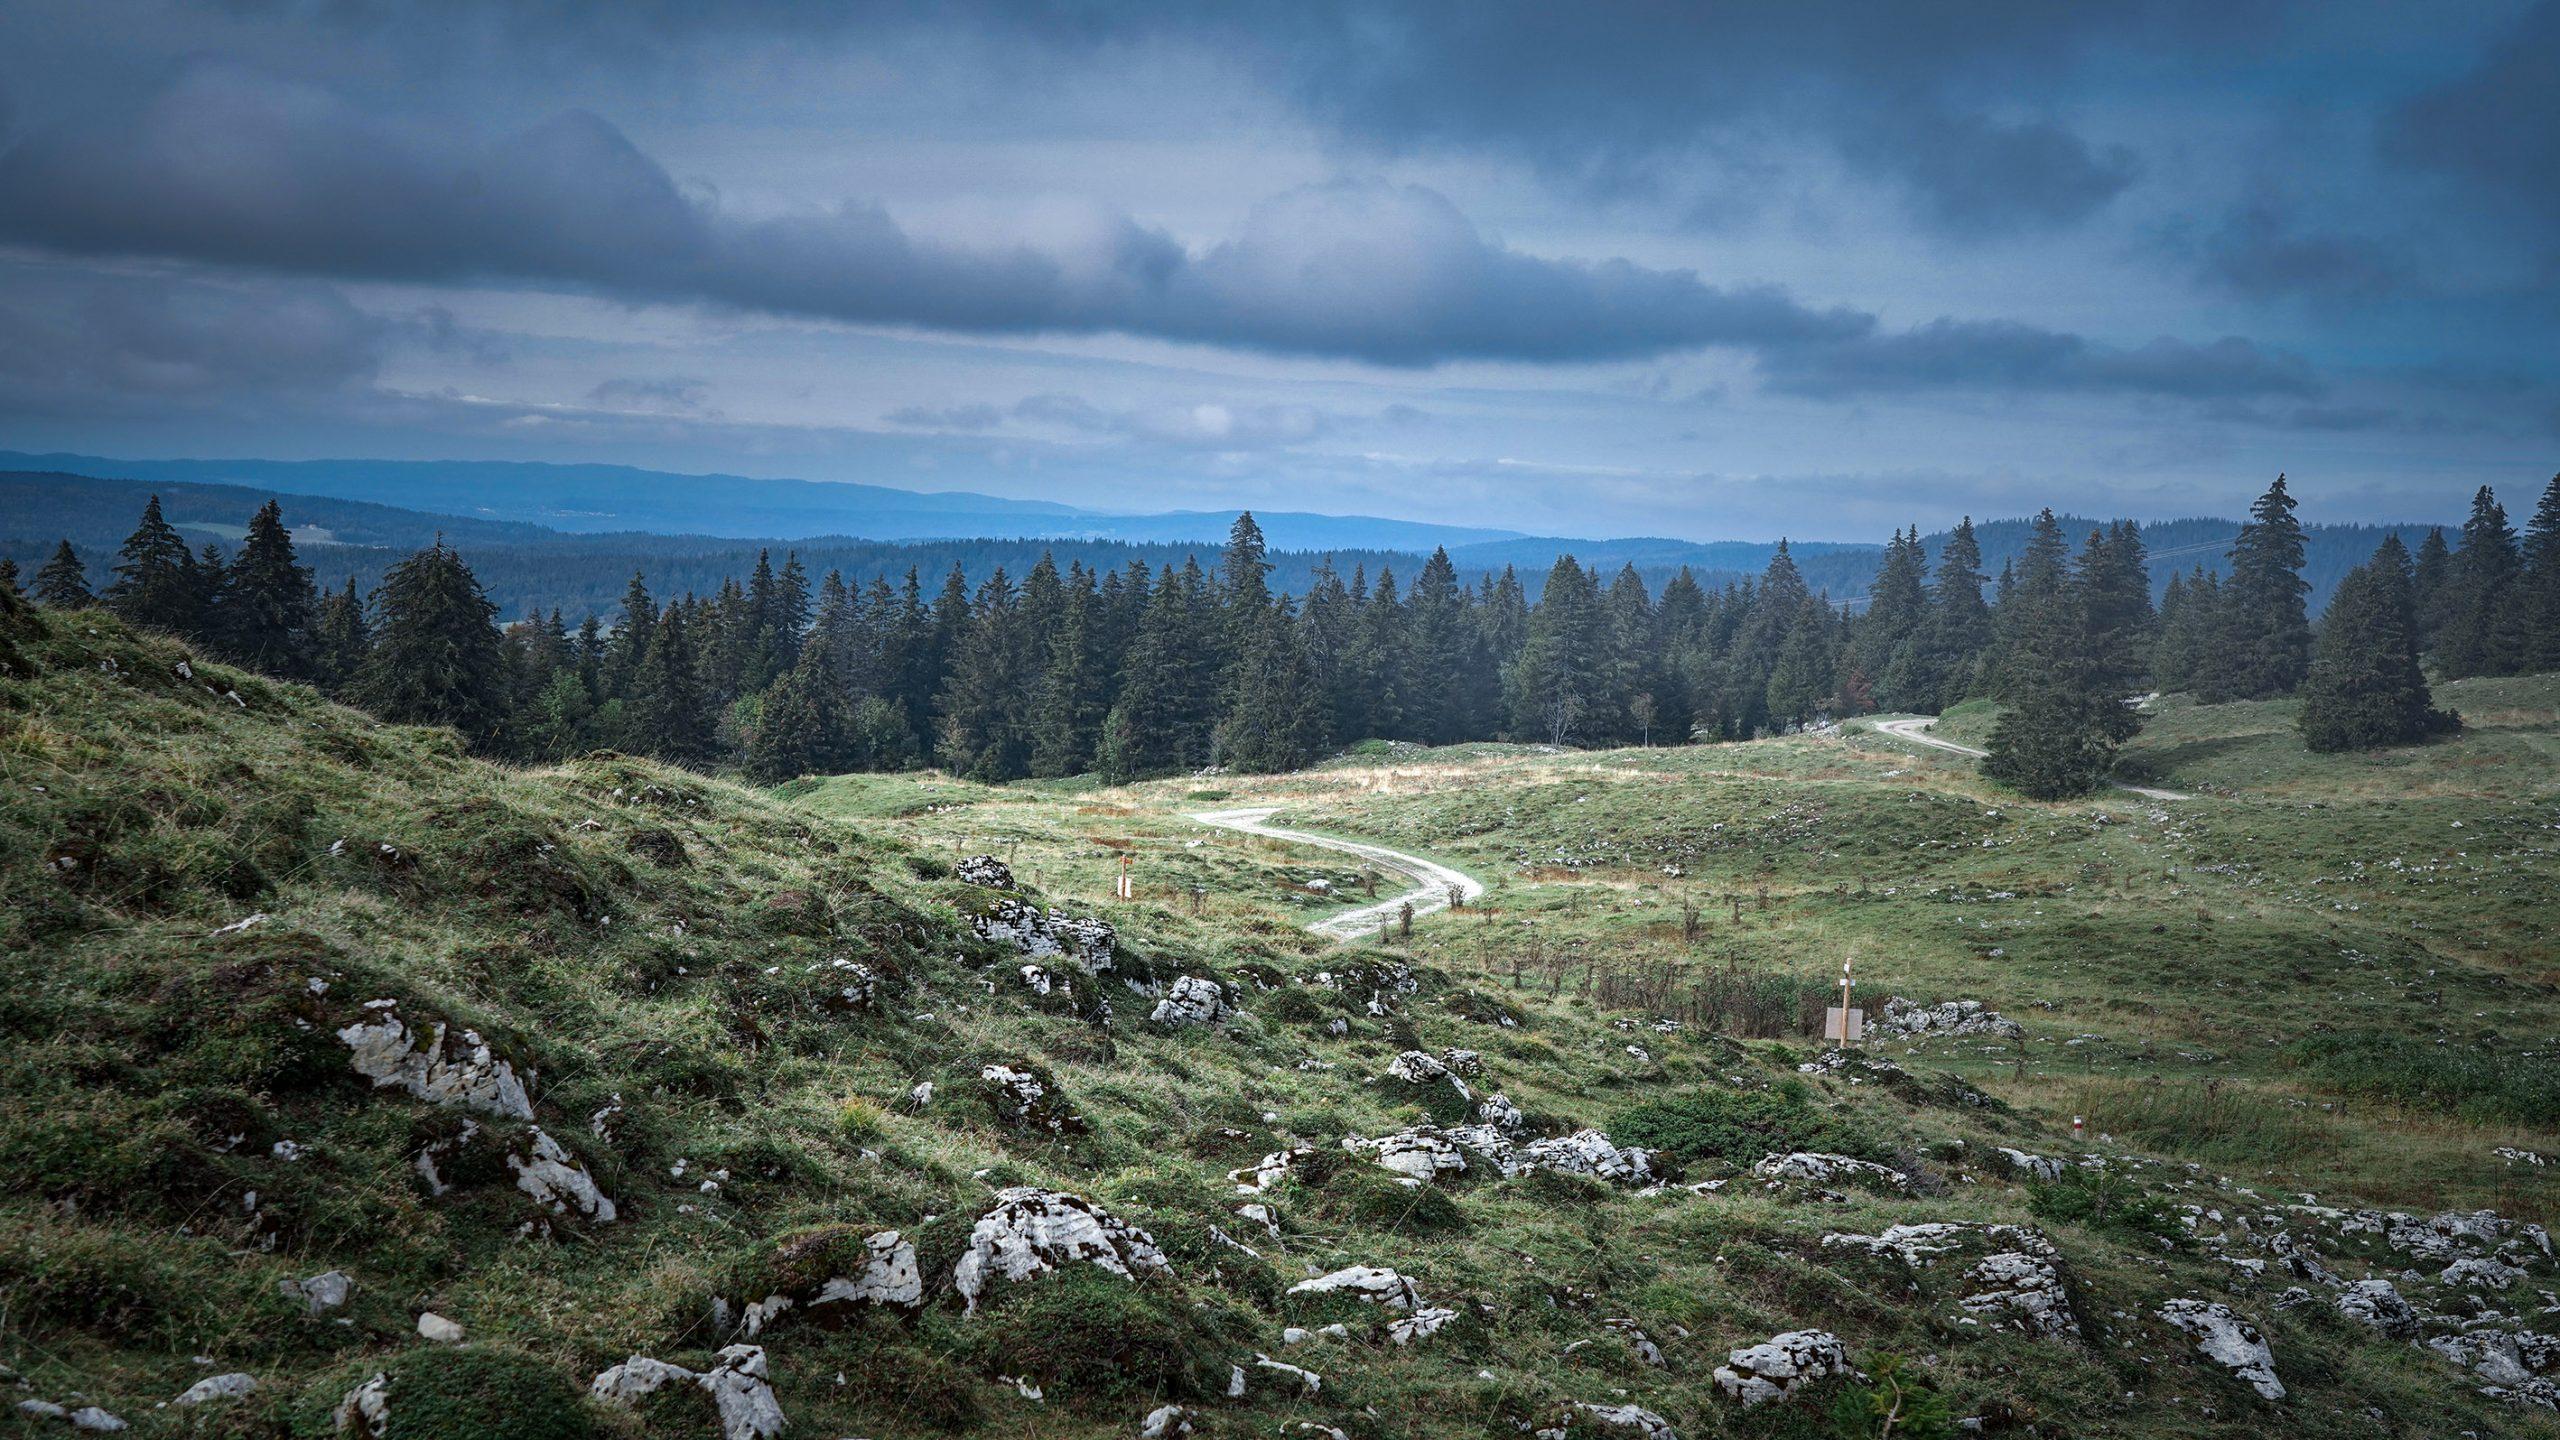 sentier randonnée serpente sapins verdure rochers nuages Grand Mont-Rond